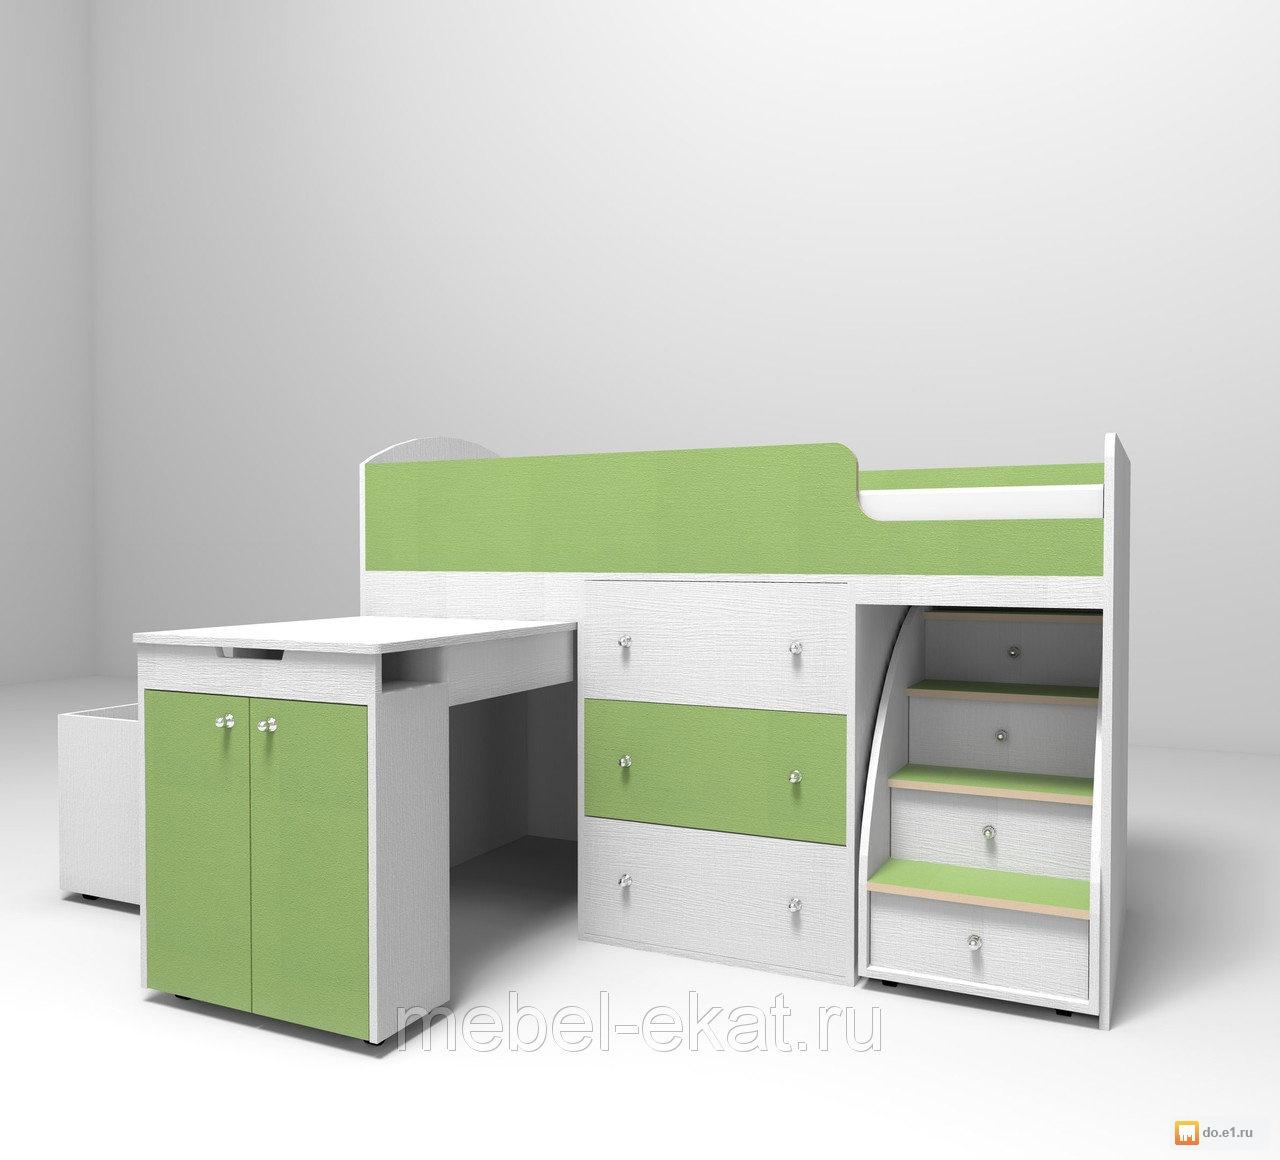 уголок школьника мебель омега 1 схема